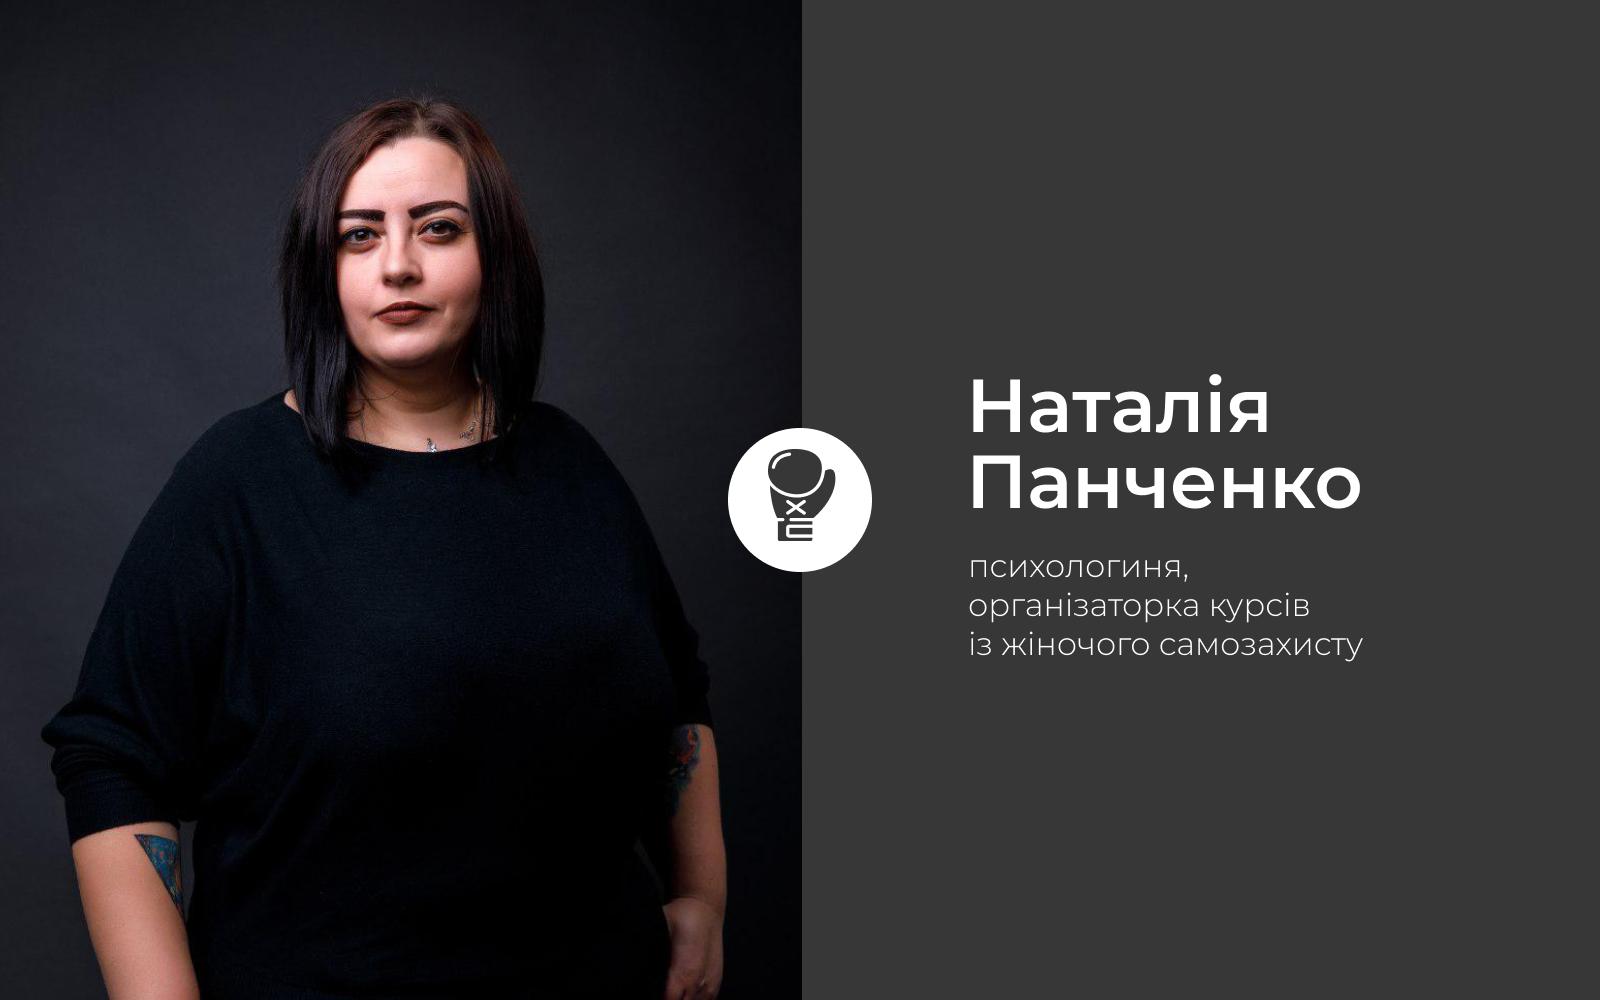 Panchenko 13.5.21